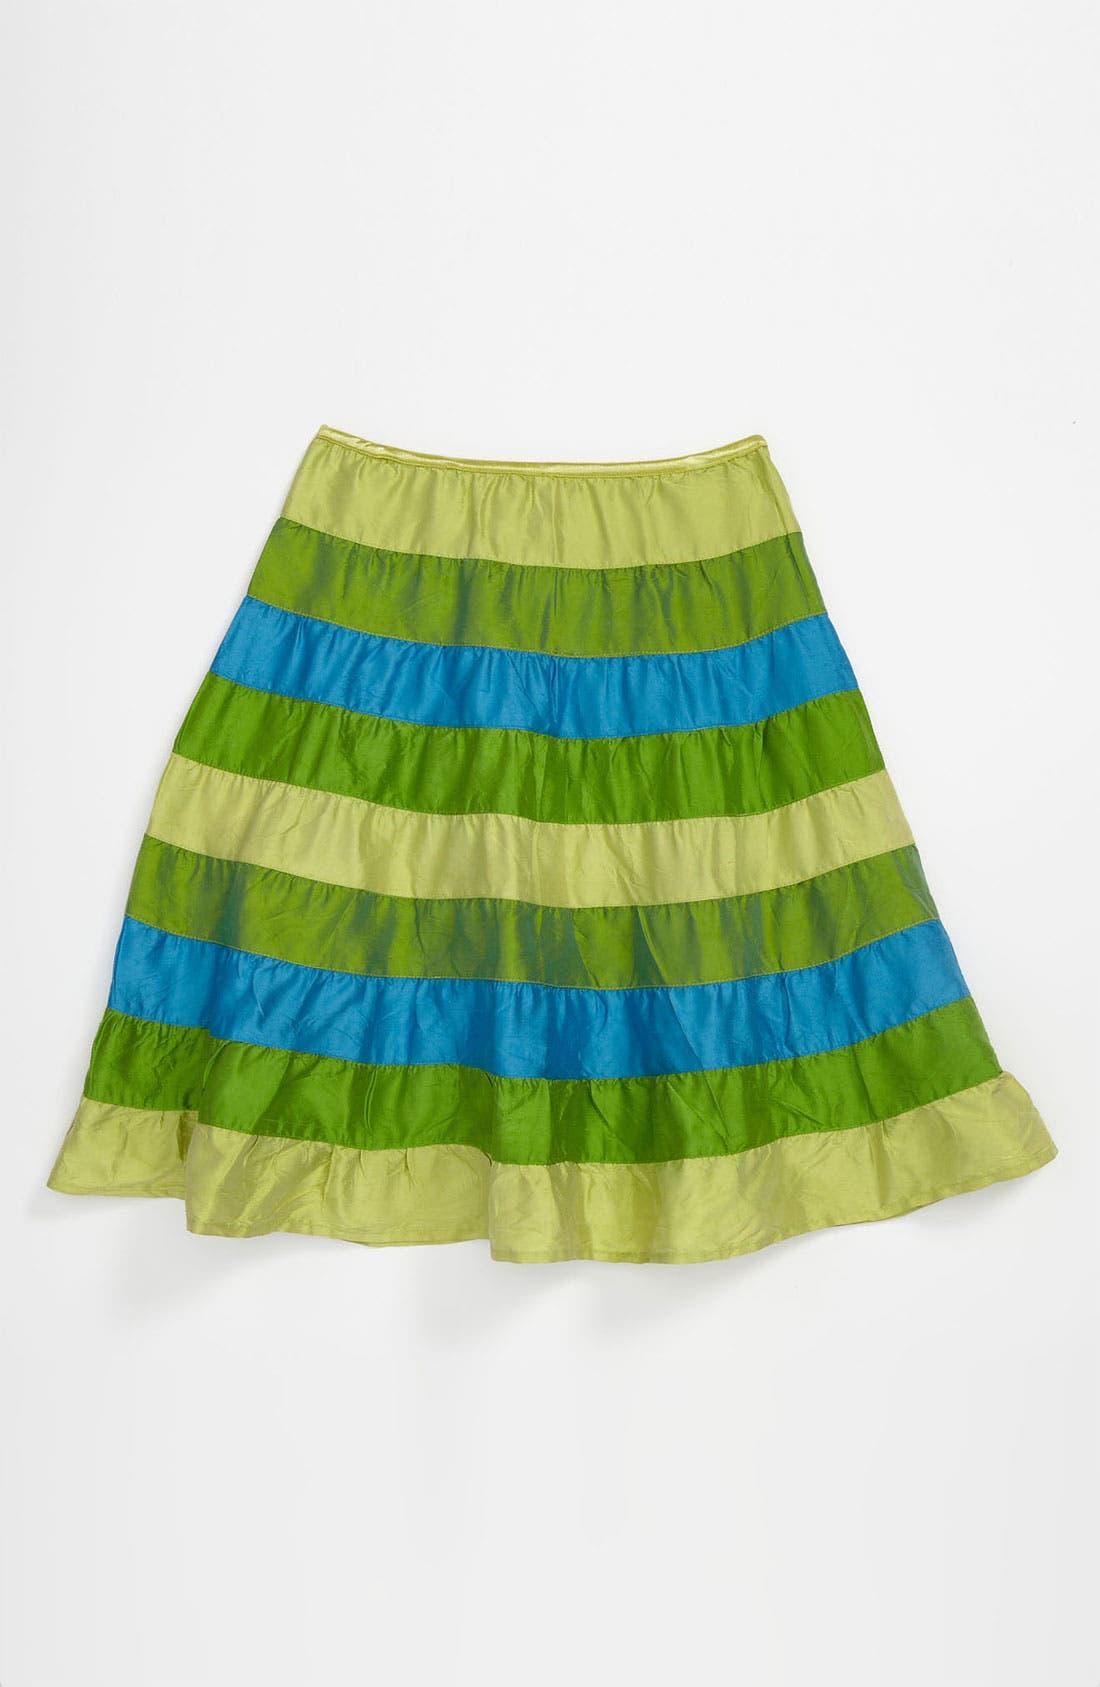 Alternate Image 1 Selected - Peek 'Belle of the Ball' Skirt (Toddler, Little Girls & Big Girls)